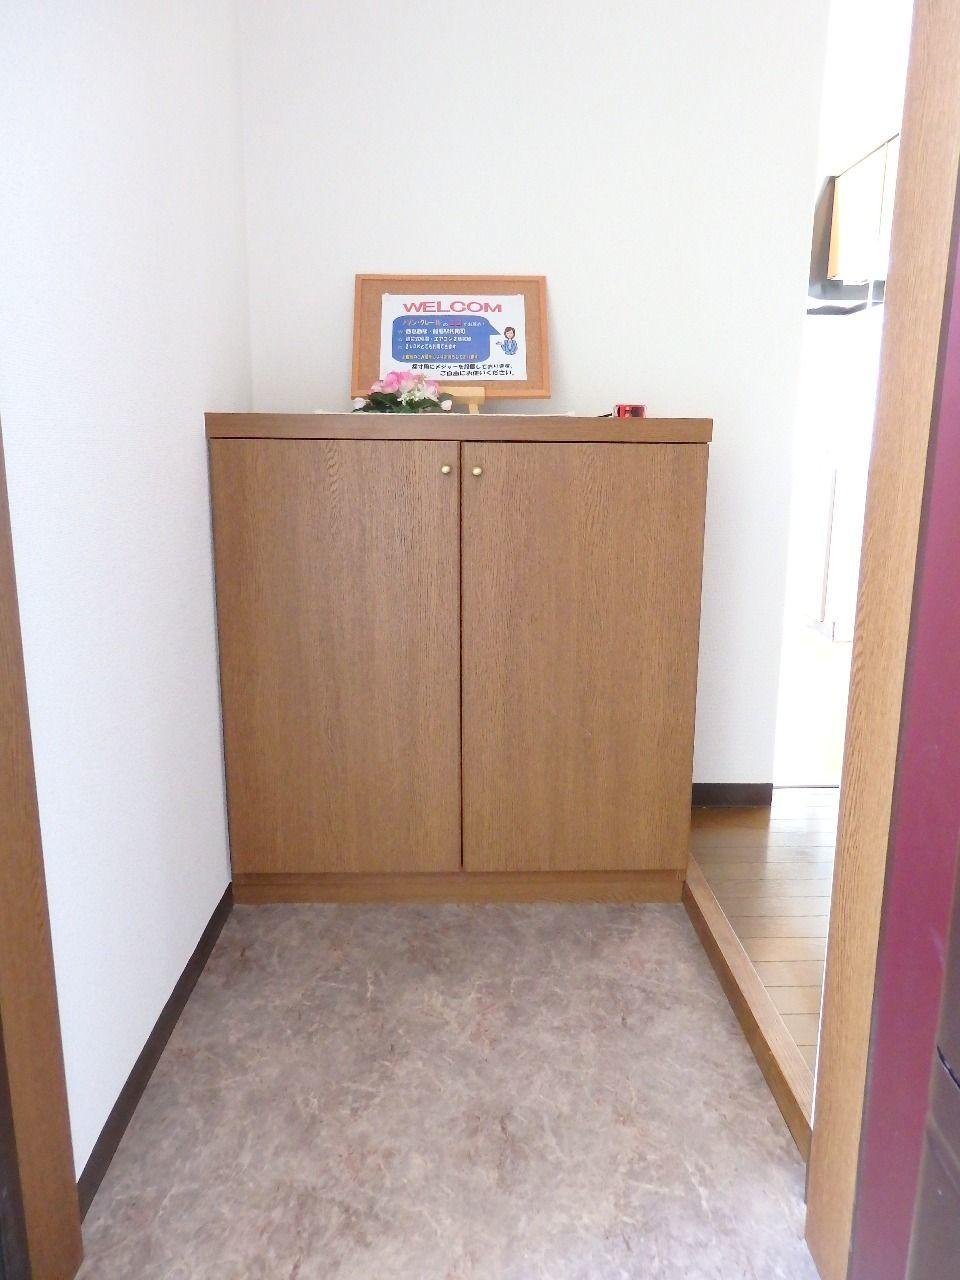 広い玄関内から室内への上がりは極力段差を付けないよう配慮されています。